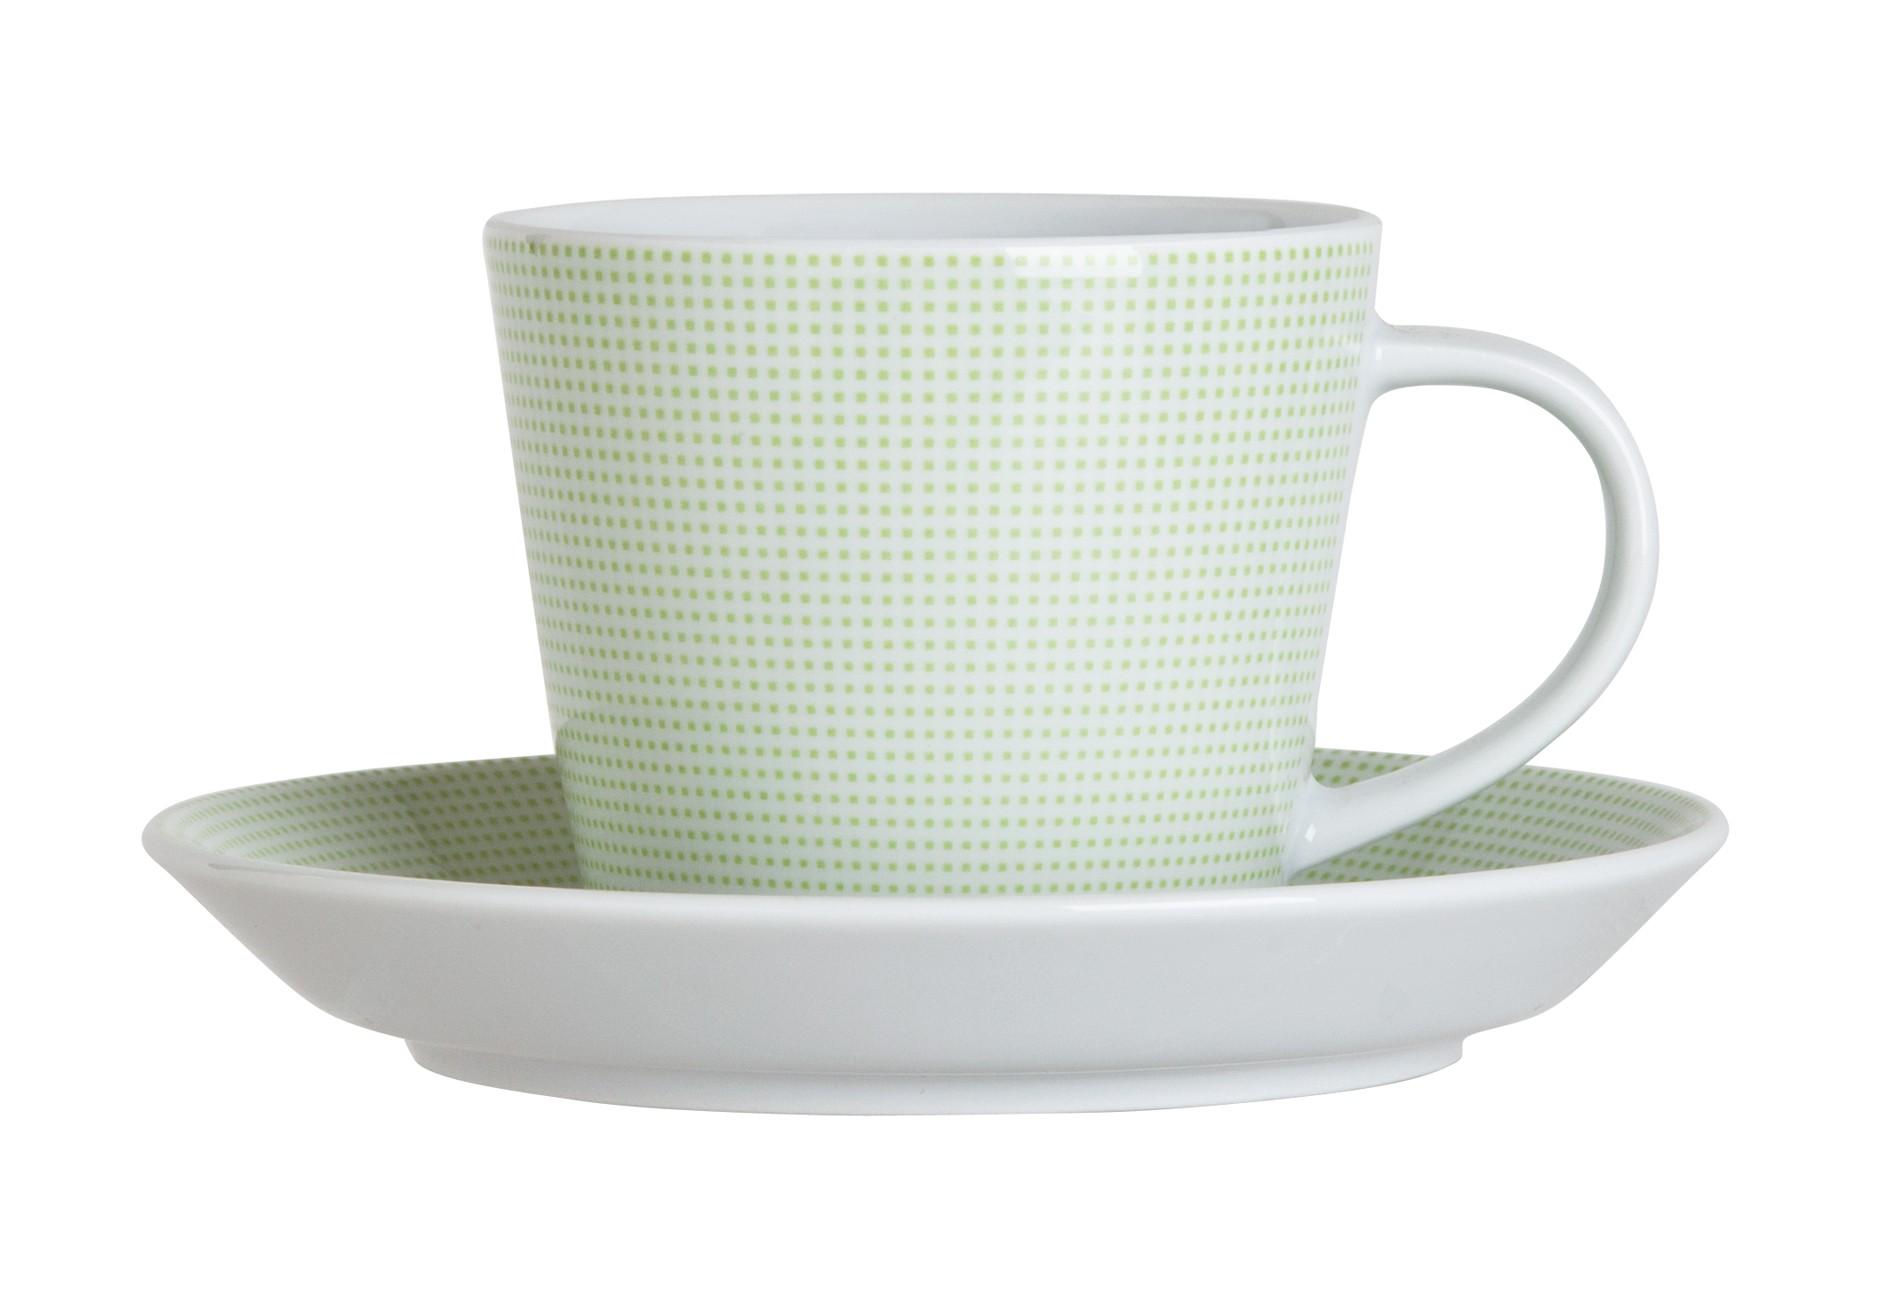 Φλυτζάνι & Πιάτο Τσαγιού Punto Green Σετ 6τμχ Ionia home   ειδη cafe τσαϊ   κούπες   φλυτζάνια